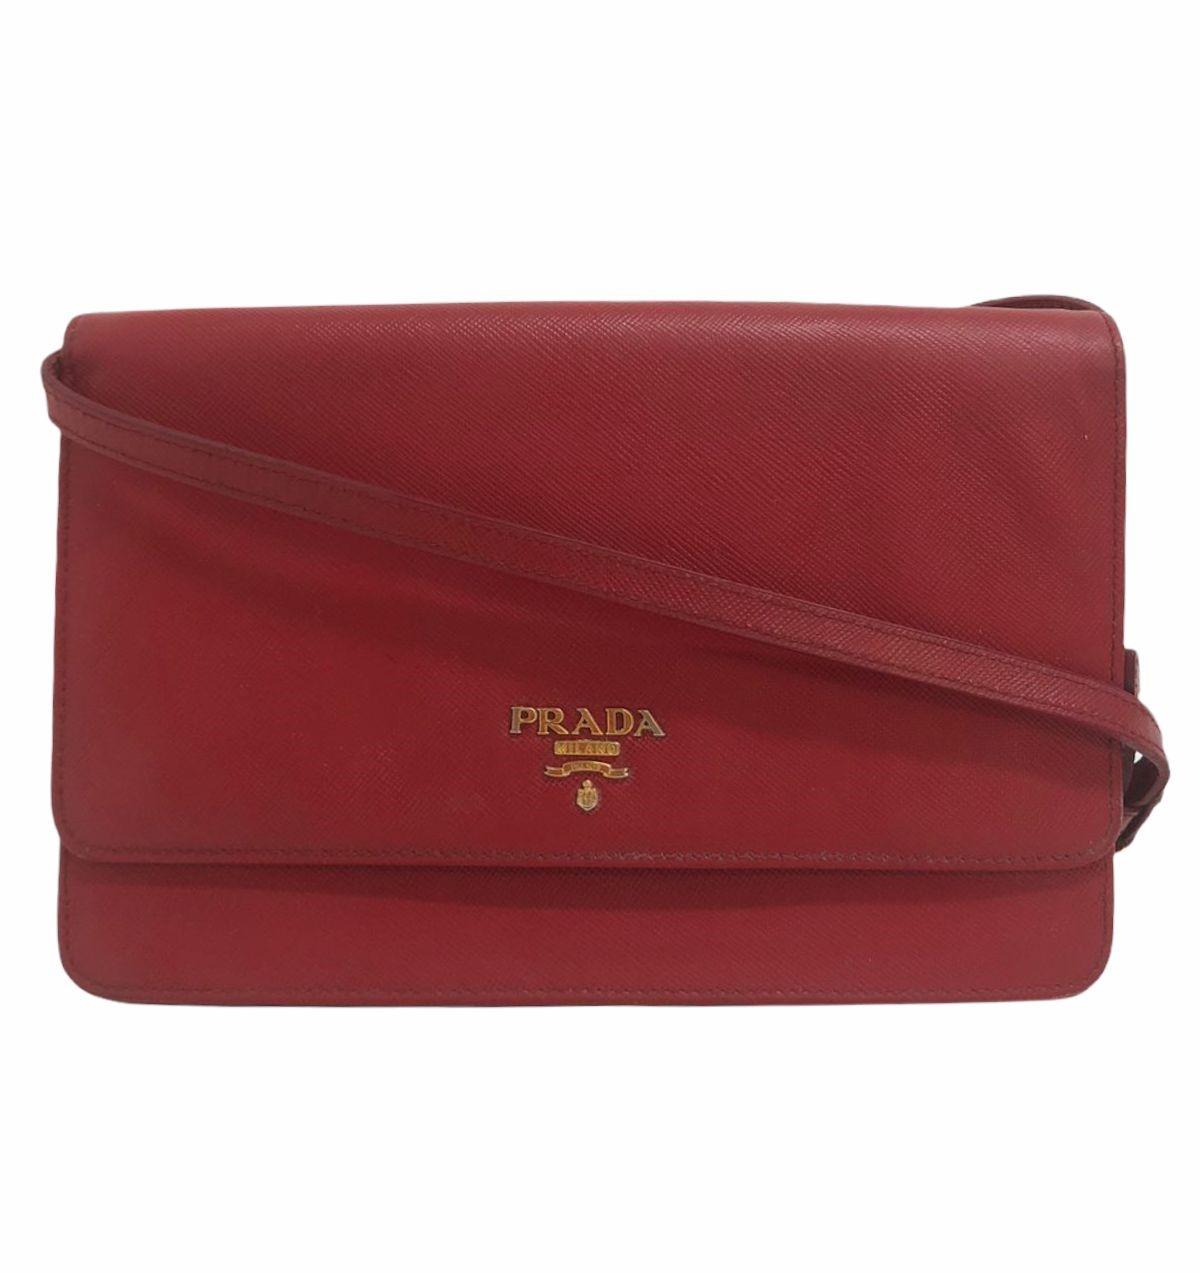 Bolsa Prada Wallet on Strap Saffiano Vermelha